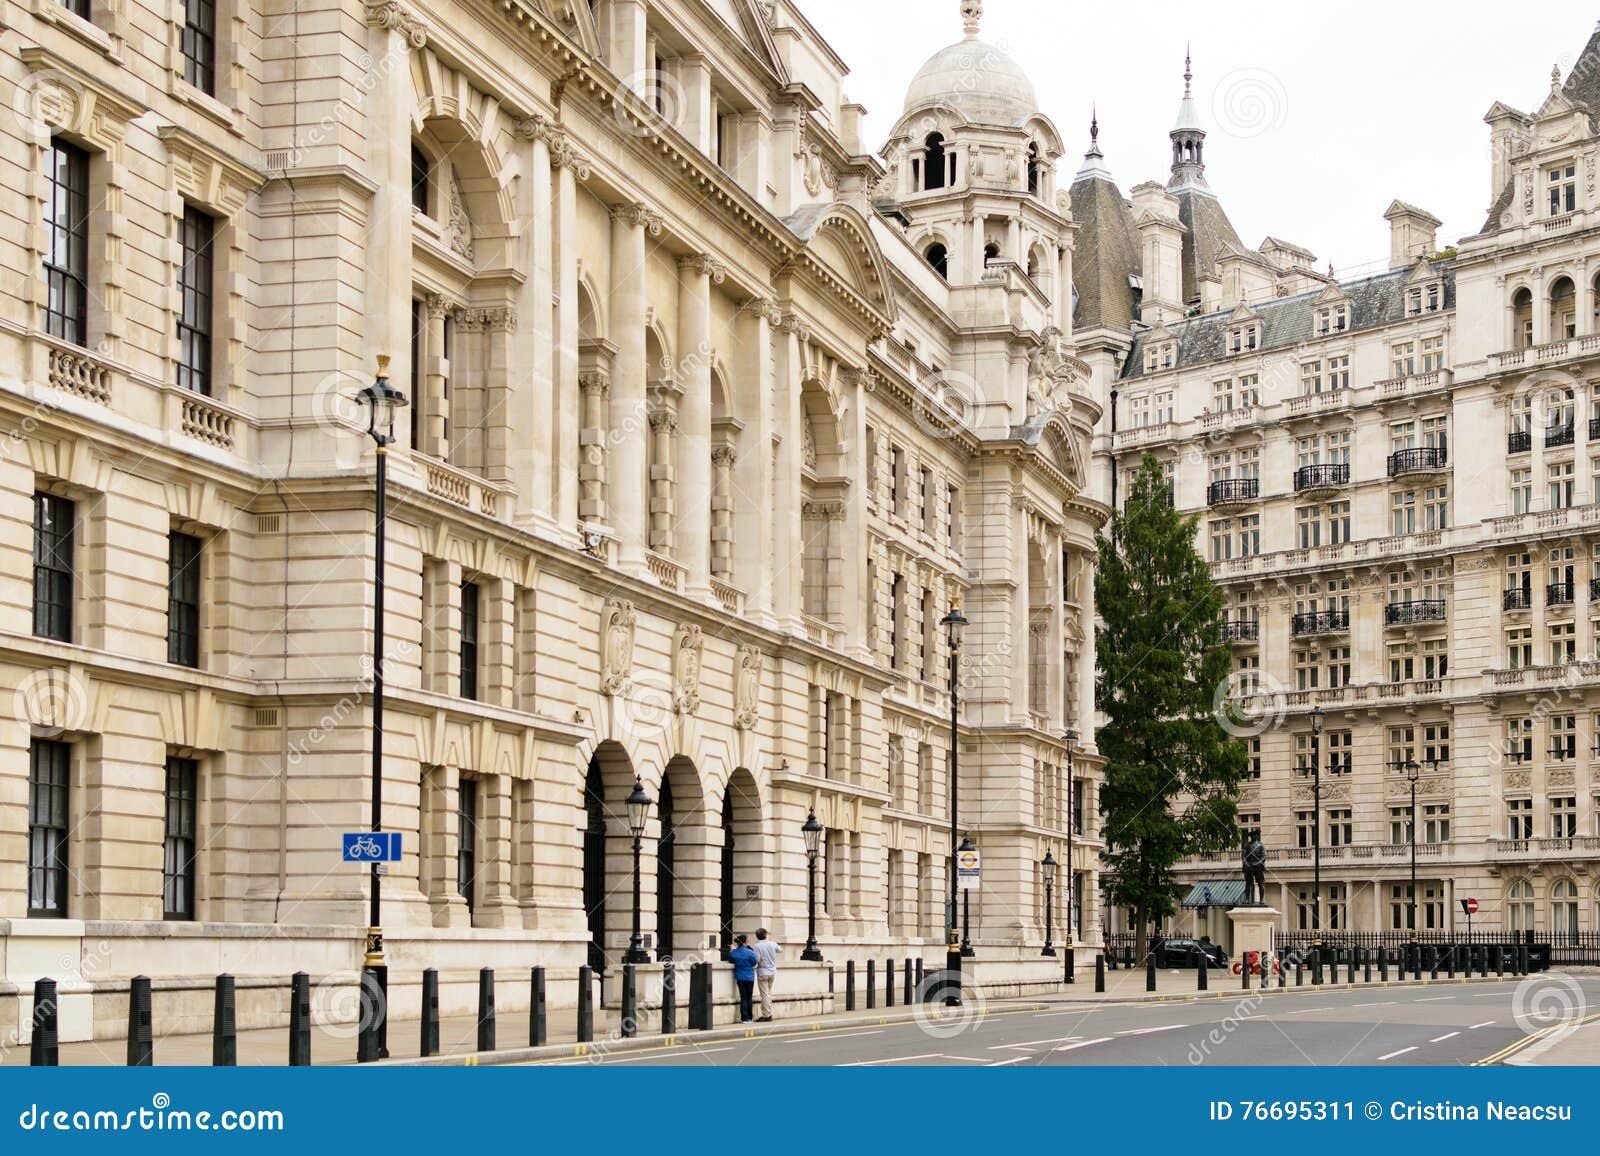 Londres angleterre vue extérieure du vieil immeuble de bureaux